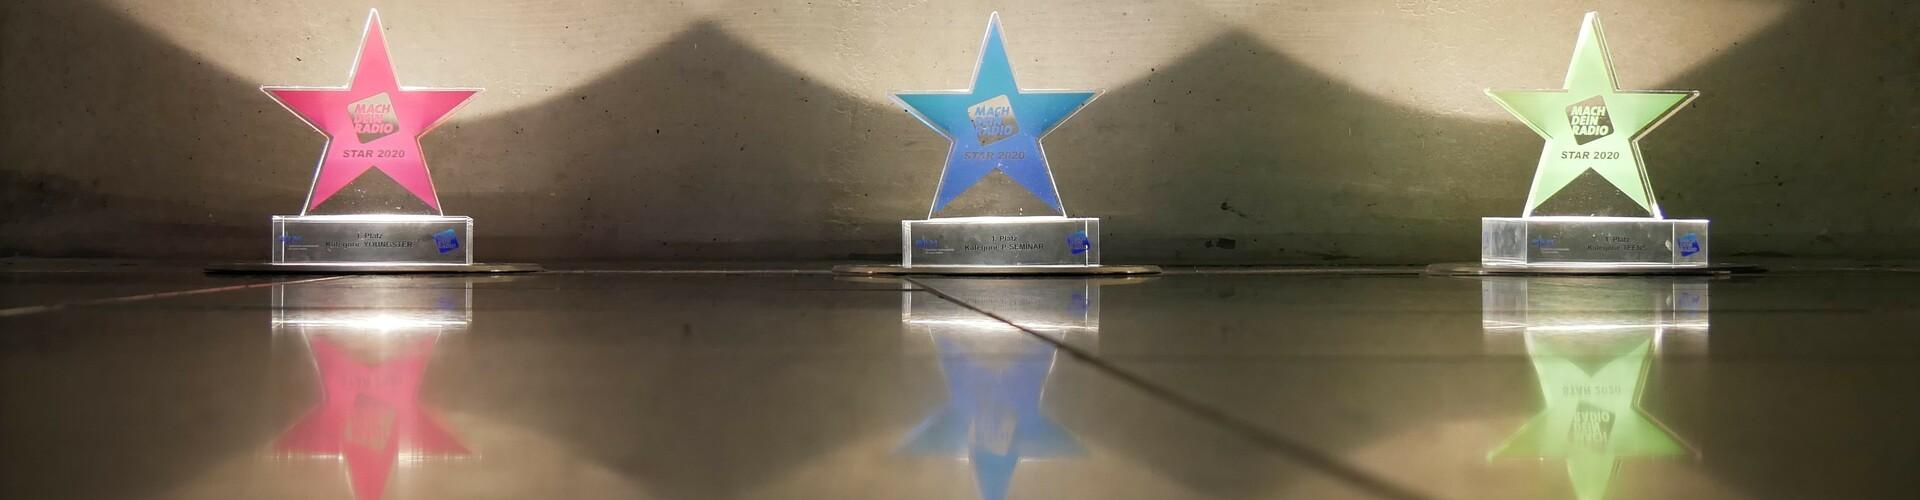 Mach Dein Radio Star 2020 - and the winner is...